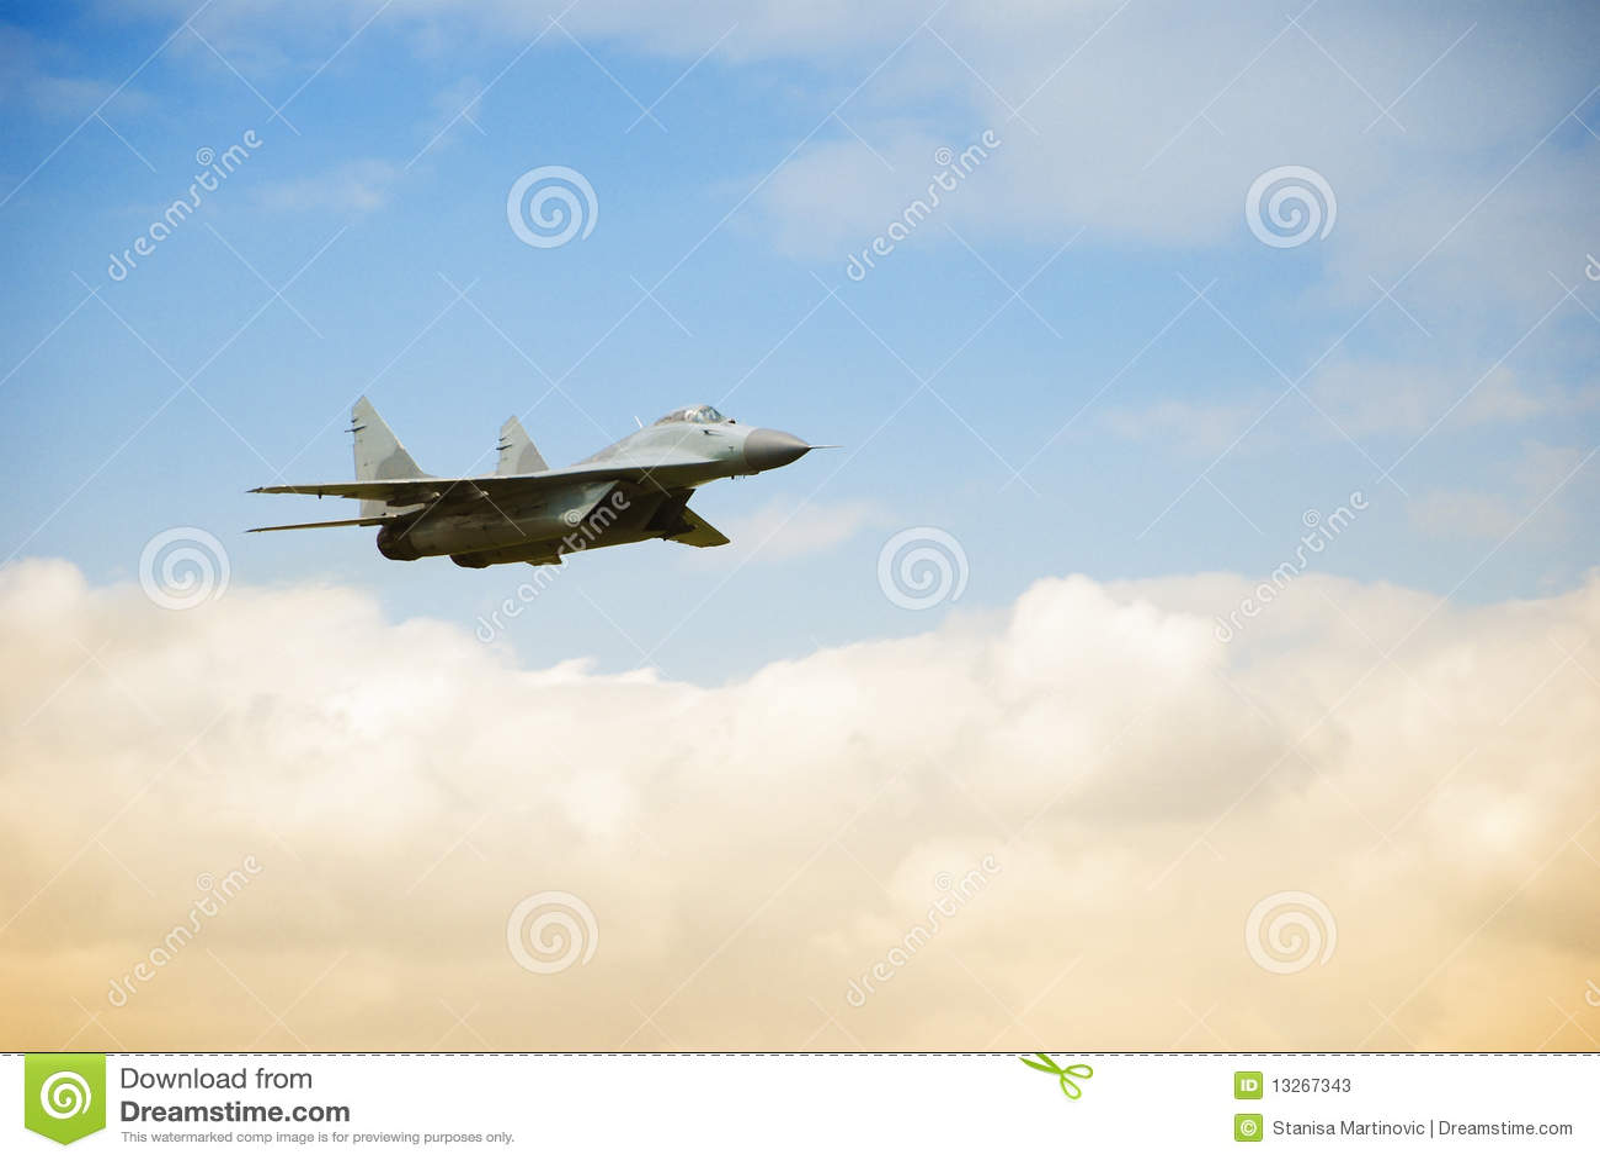 Avion militaire MIG